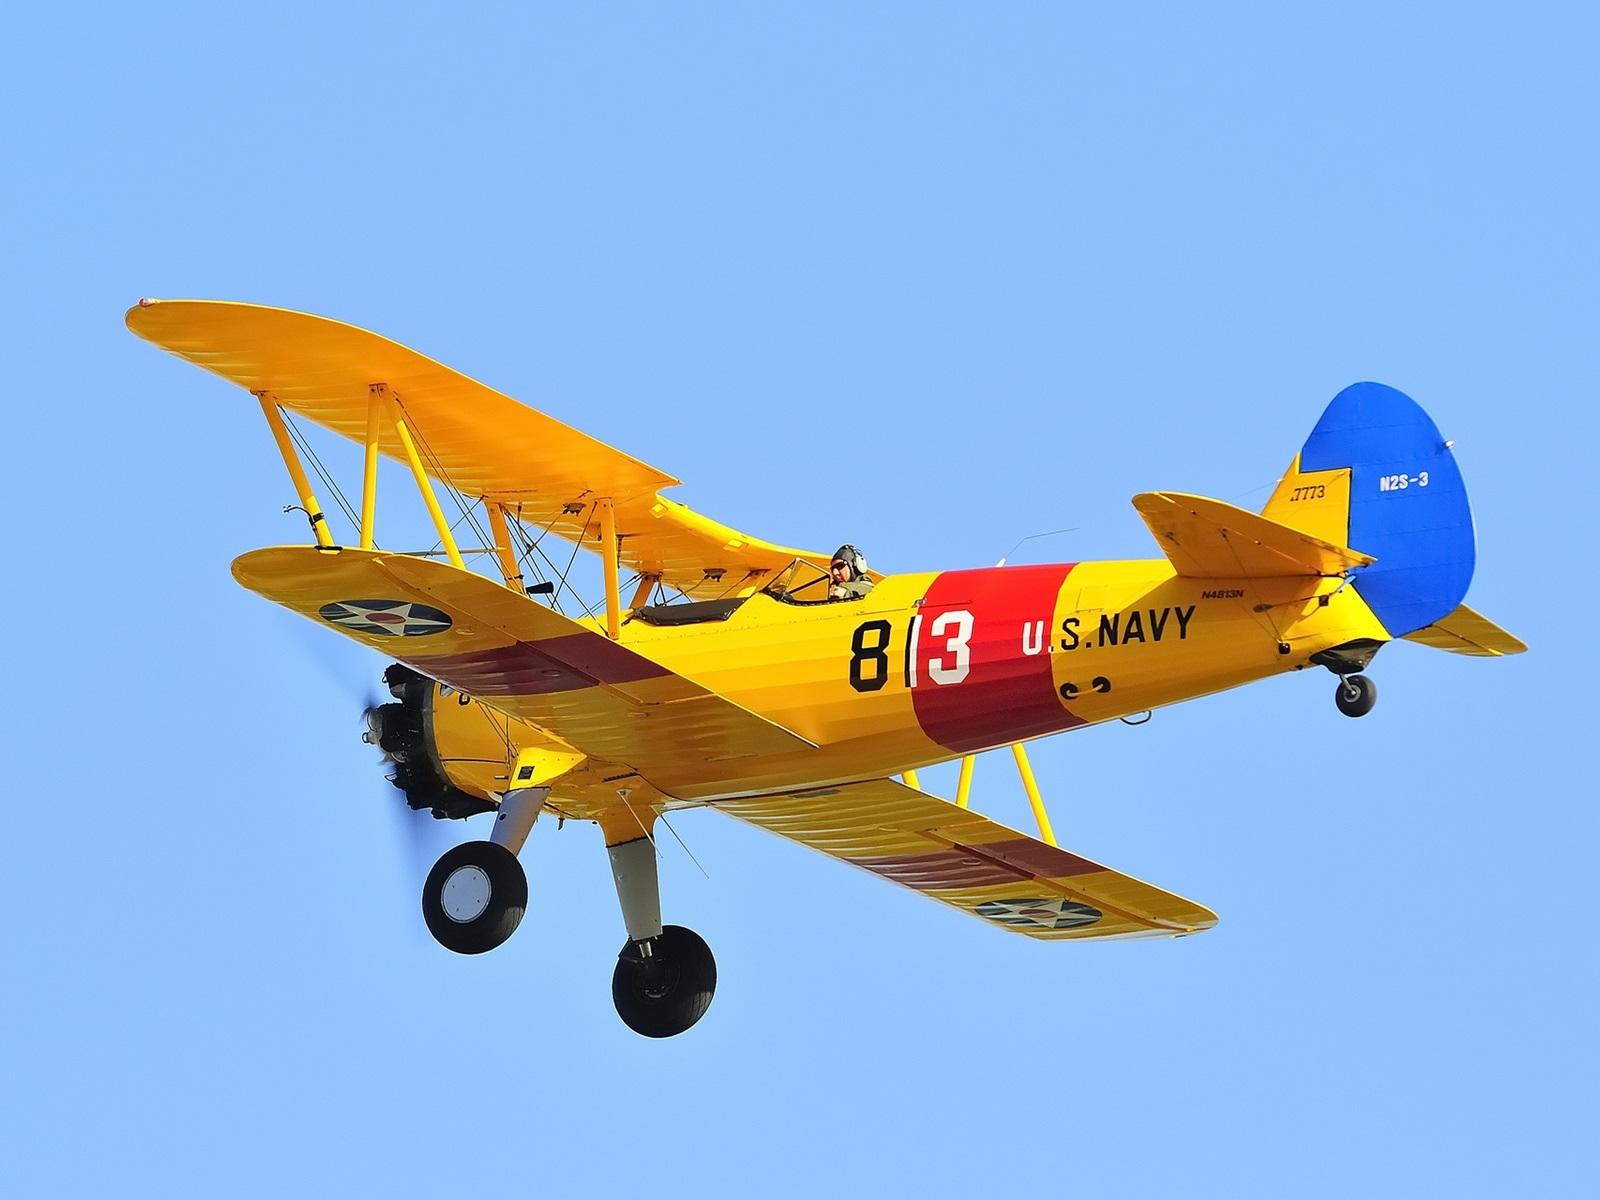 飛行機、複葉機、パイロット、レトロ、空 壁紙 -... 飛行機、複葉機、パイロット、レトロ、空